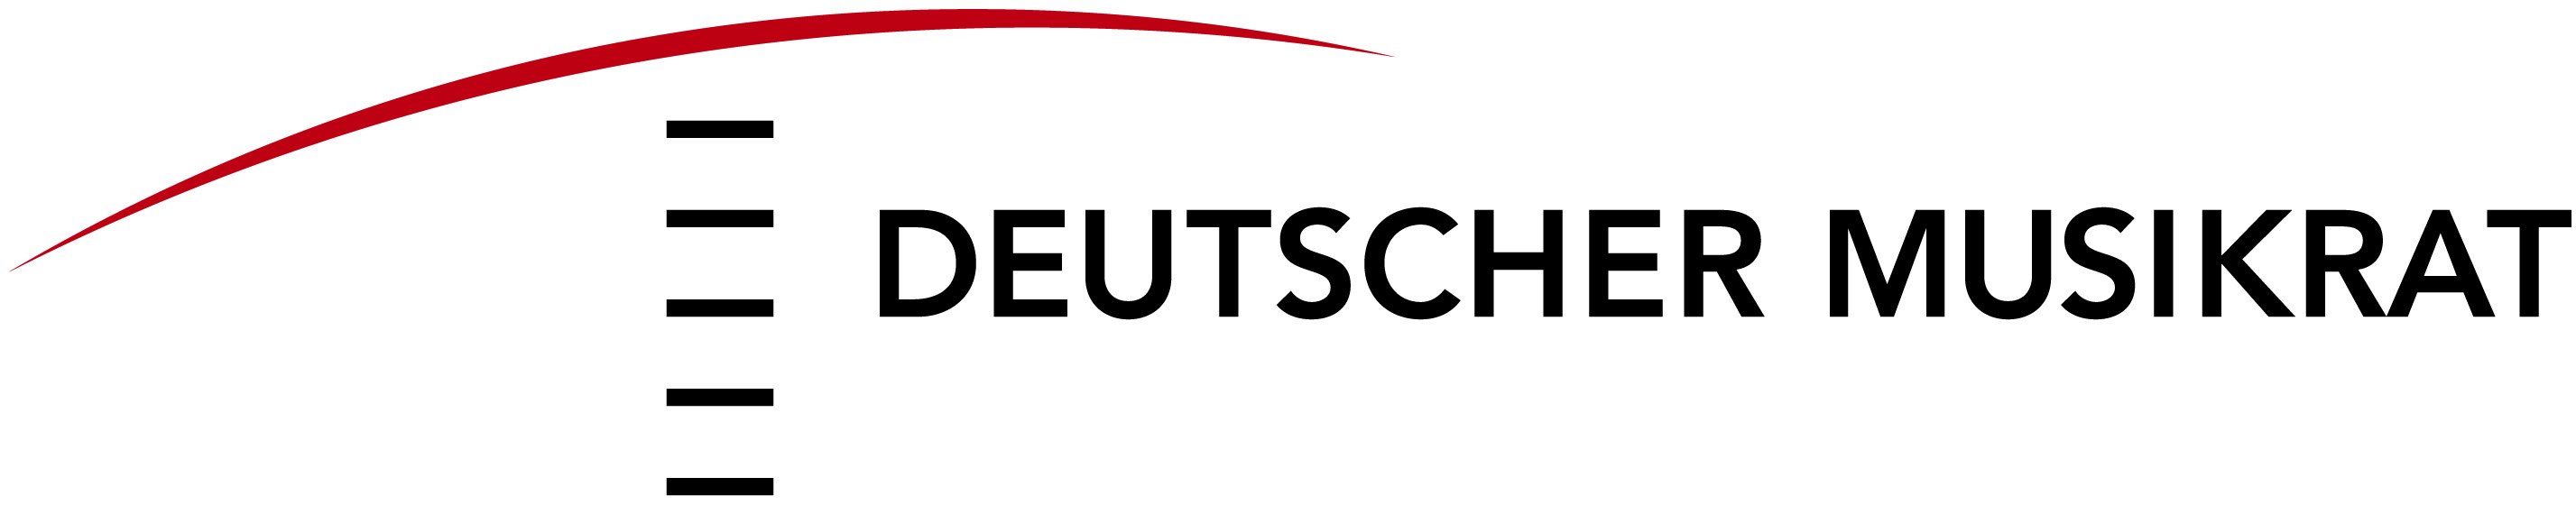 Heinrich-Schütz-Haus Weißenfels | Veranstaltungen 31